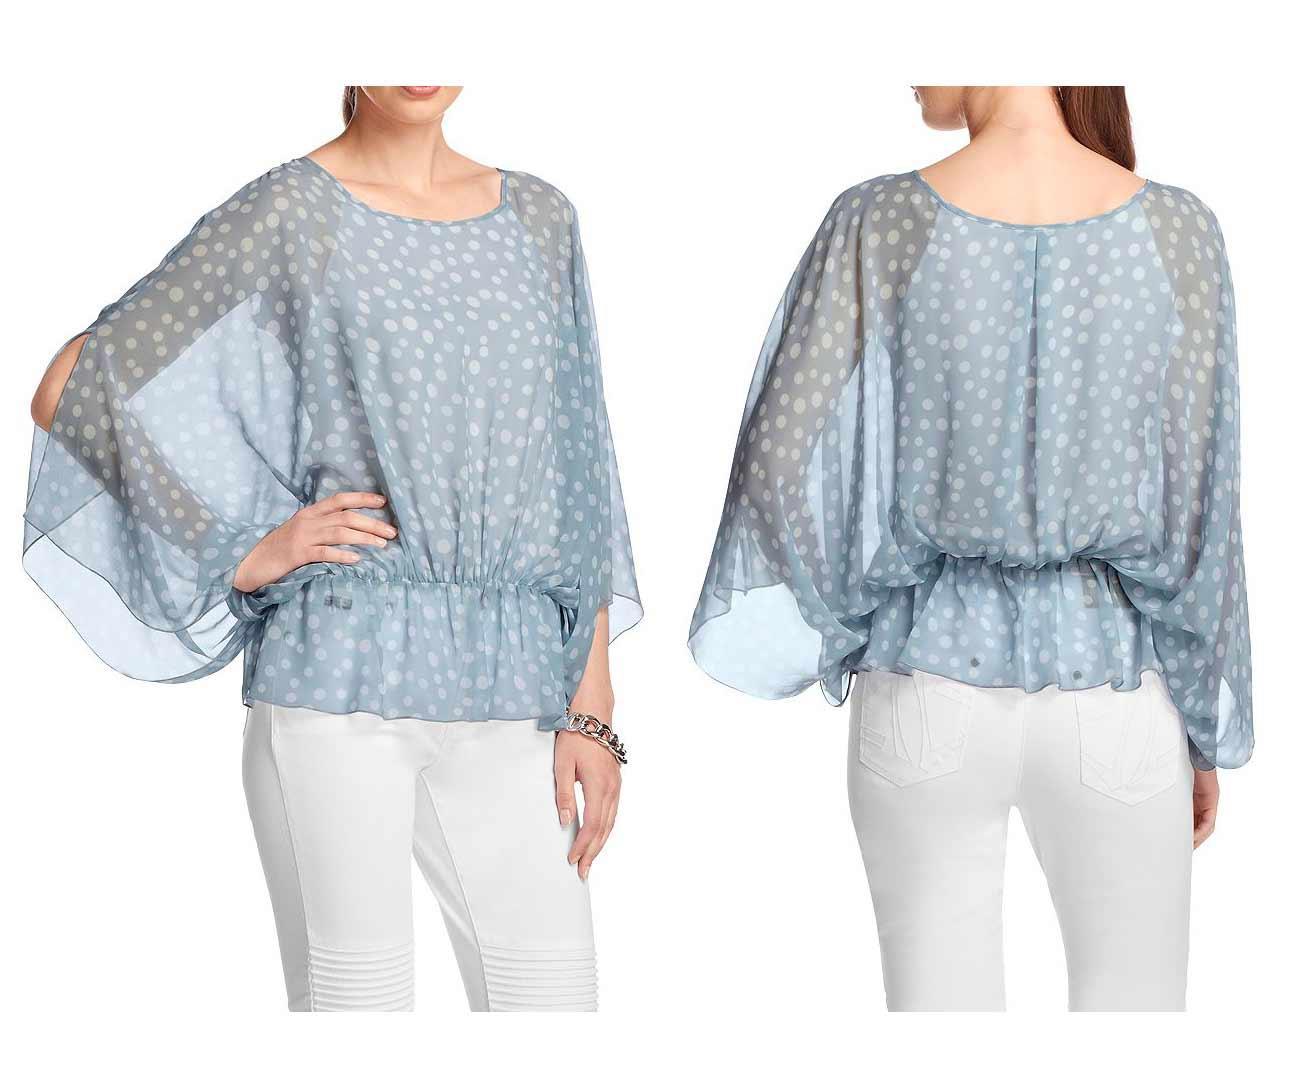 67138516ce50 Chiffon-Bluse blau-weiß gepunktet   Blusen   Tuniken   Outlet Mode-Shop